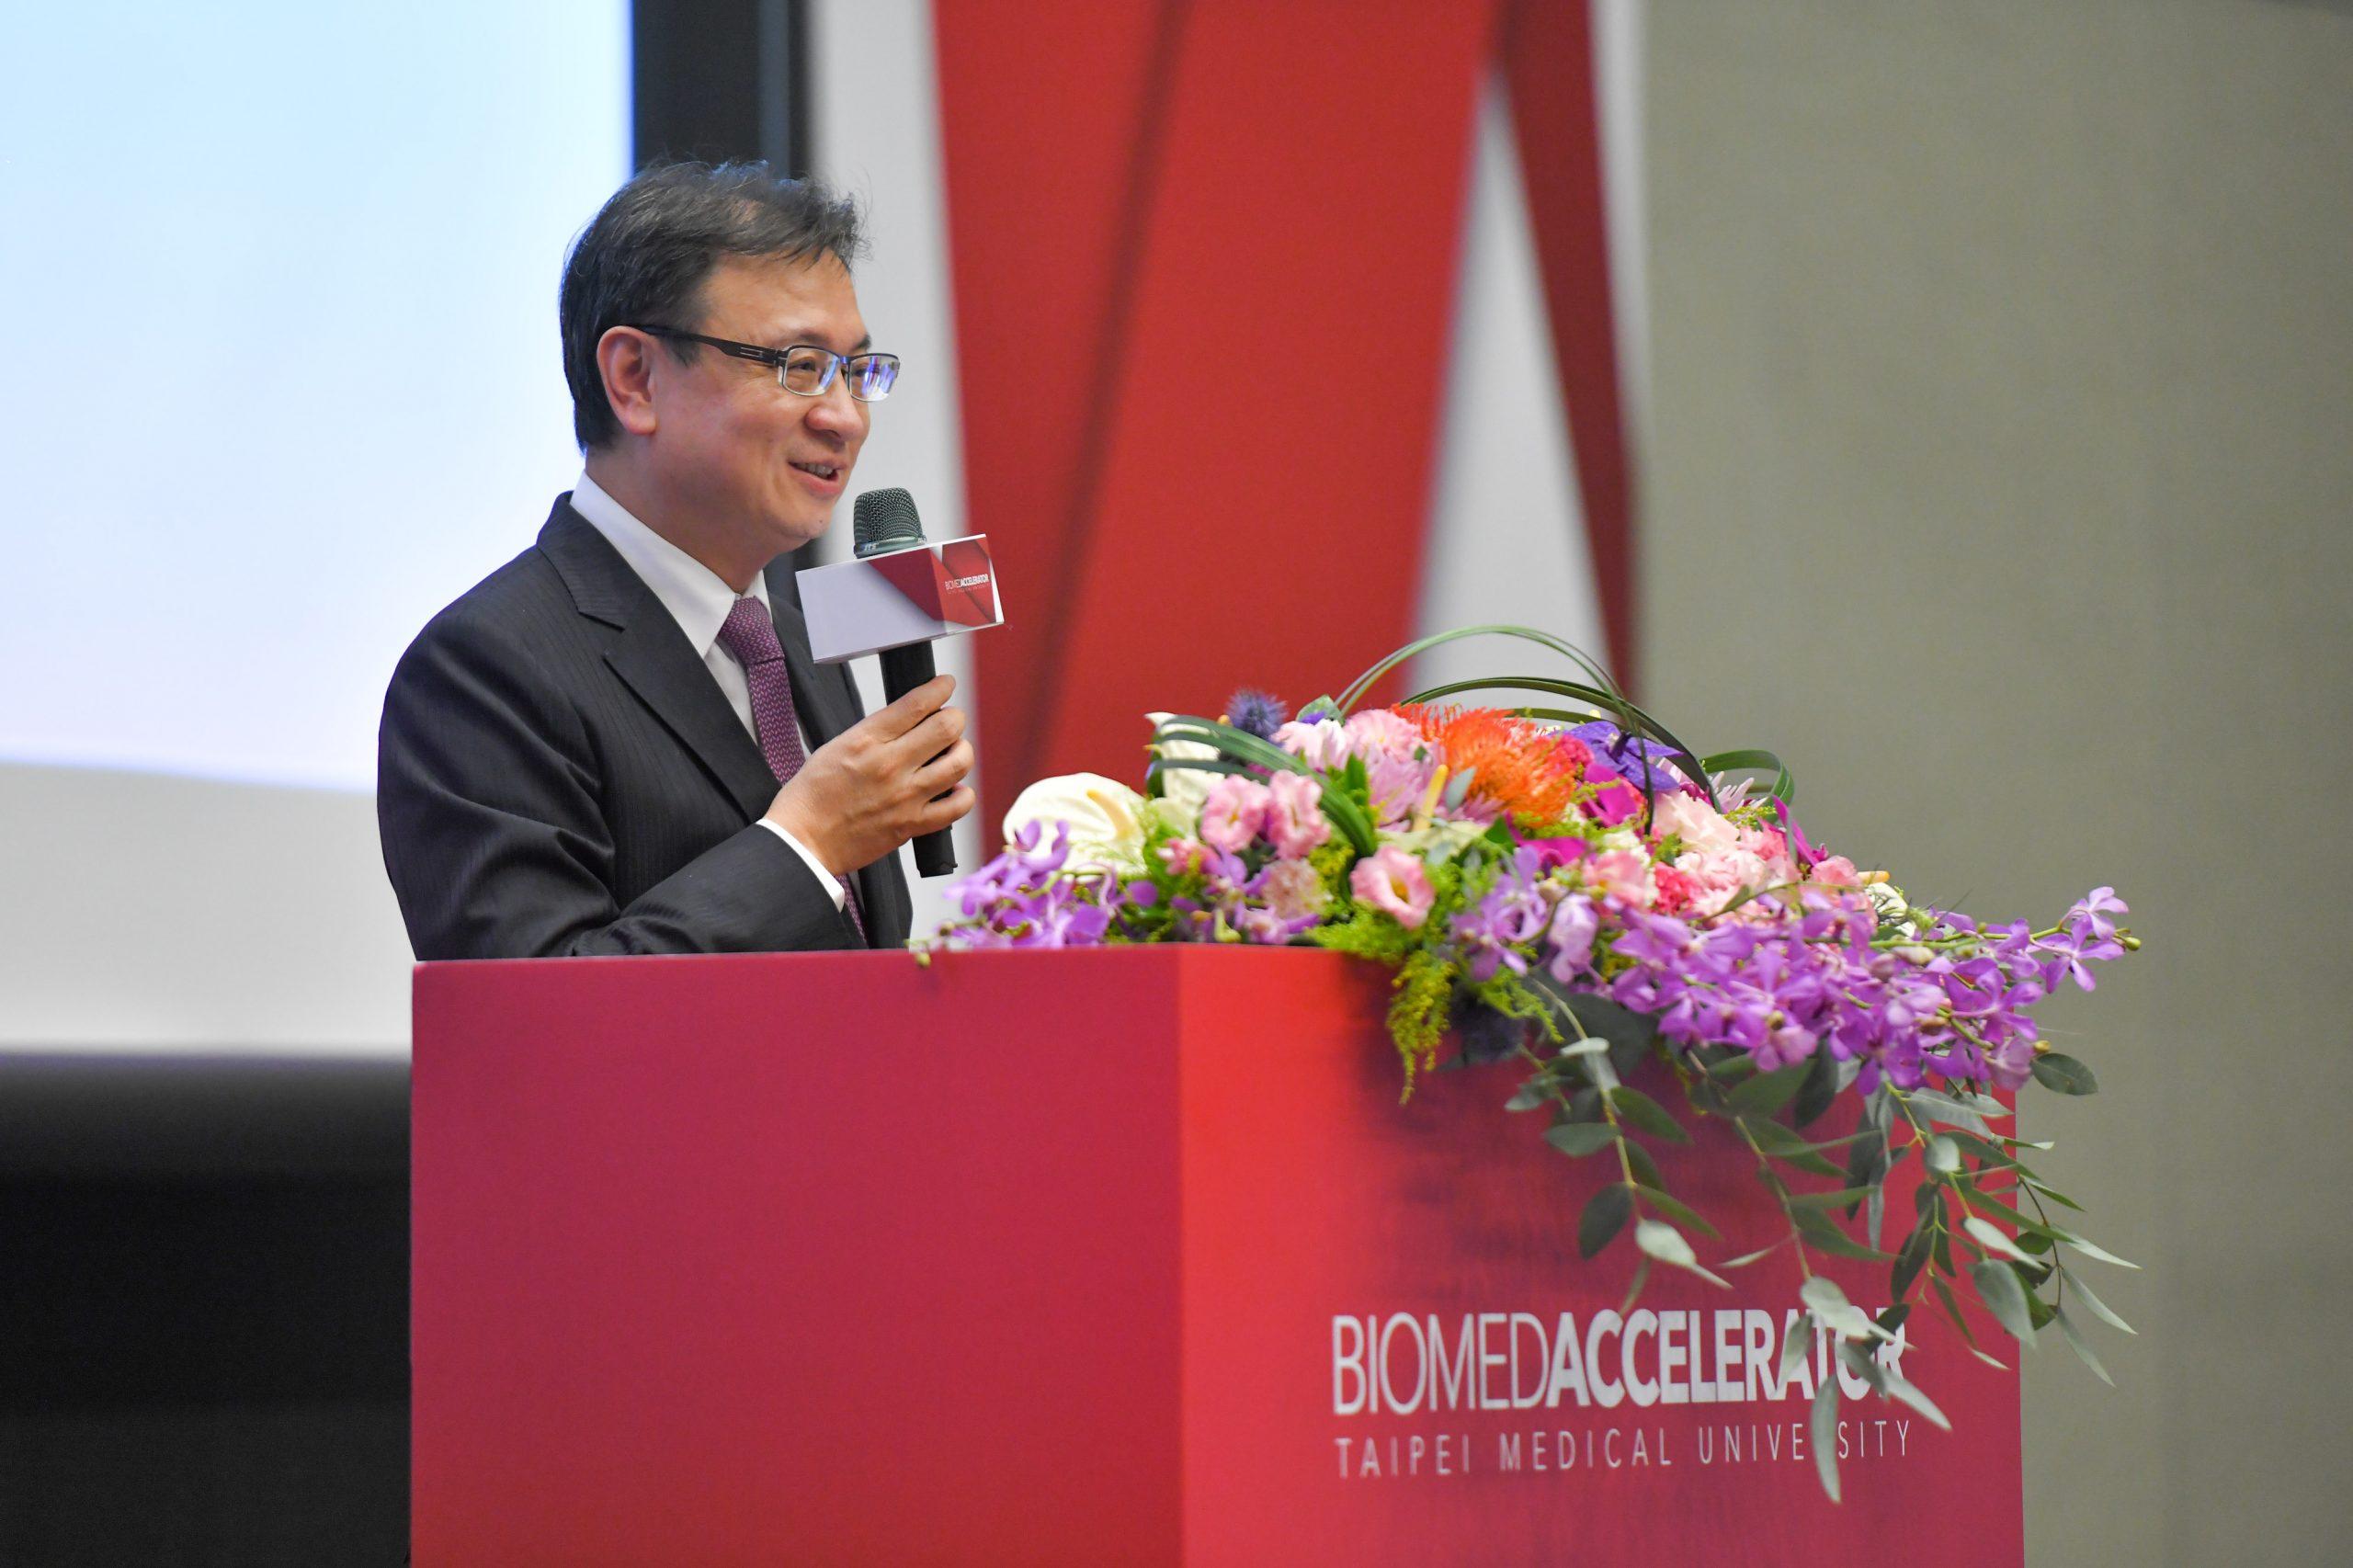 臺北醫學大學校長林建煌致詞表示著眼台灣生醫新創早期輔導,推動台灣精準健康發展主軸